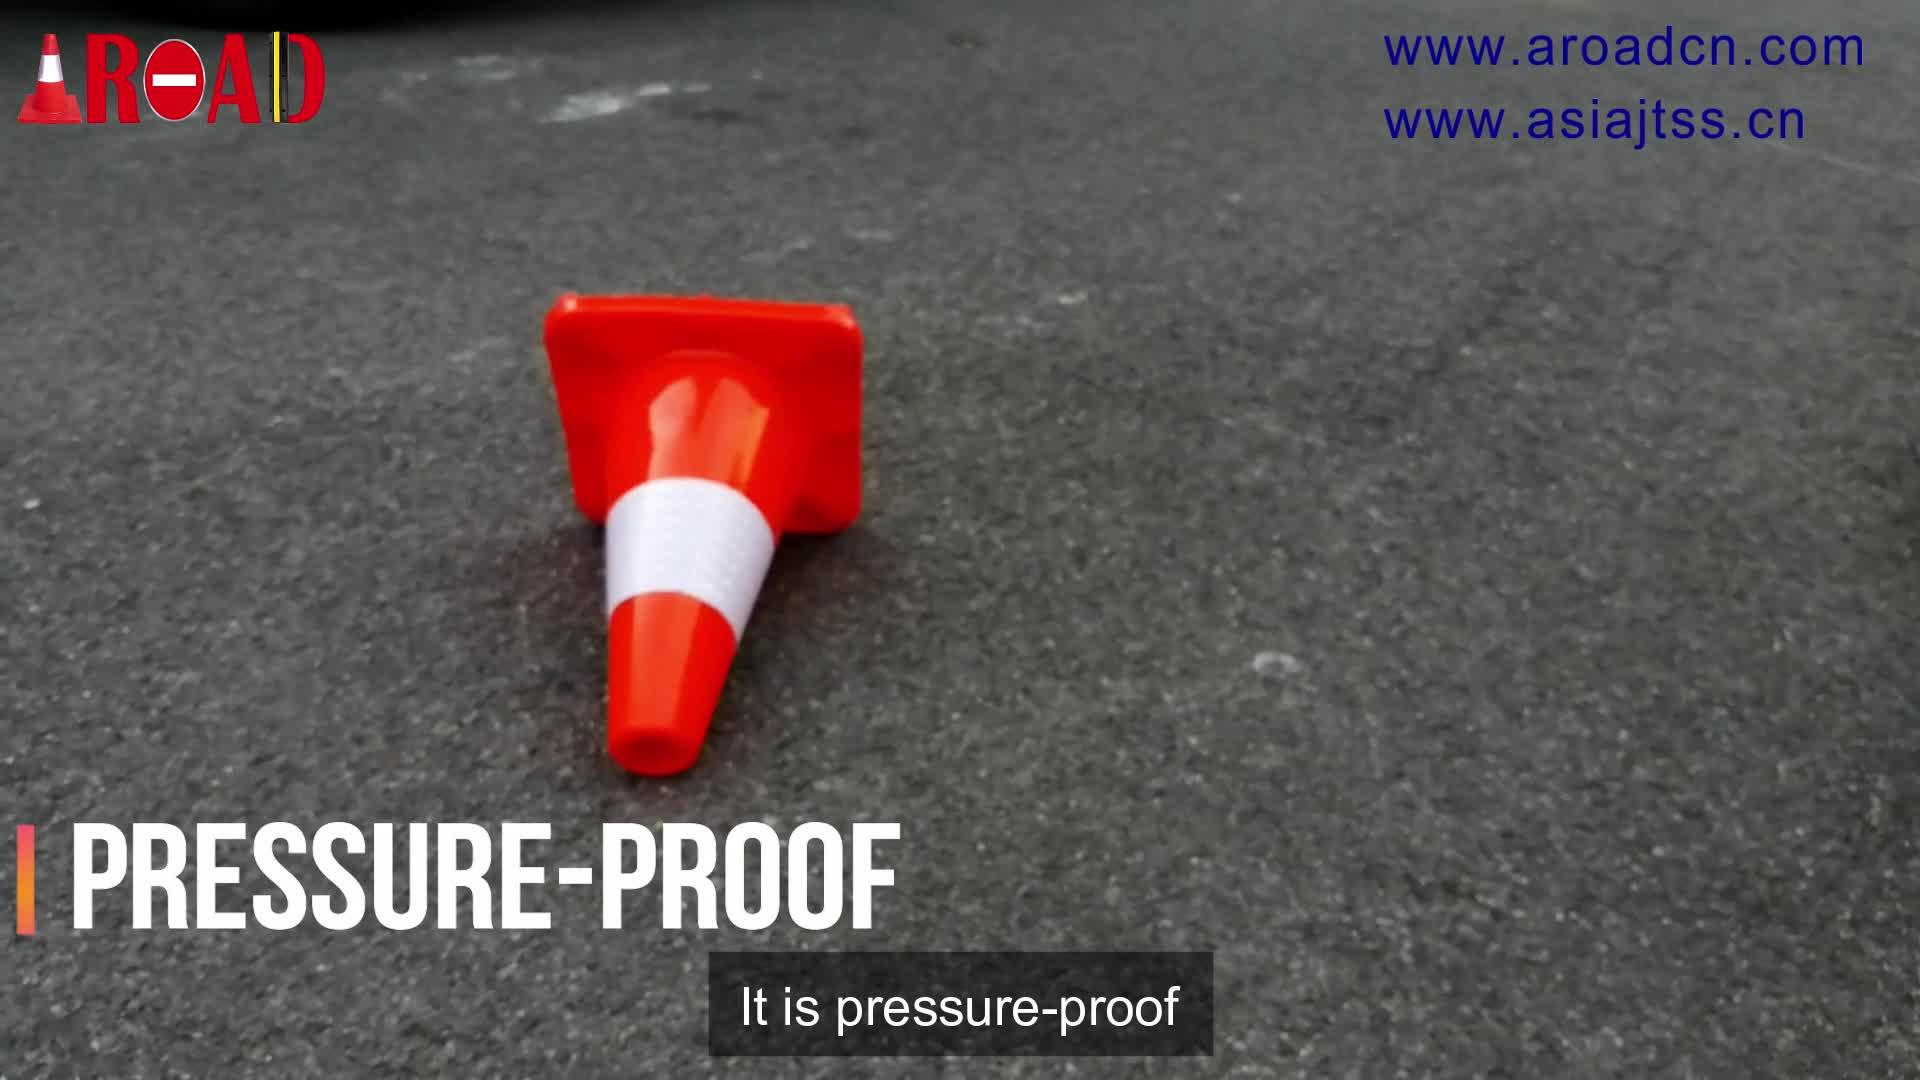 ייצור מכירה למעלה 70 cm כביש קונוס גמיש PVC בטיחות משמש תנועה קונוס